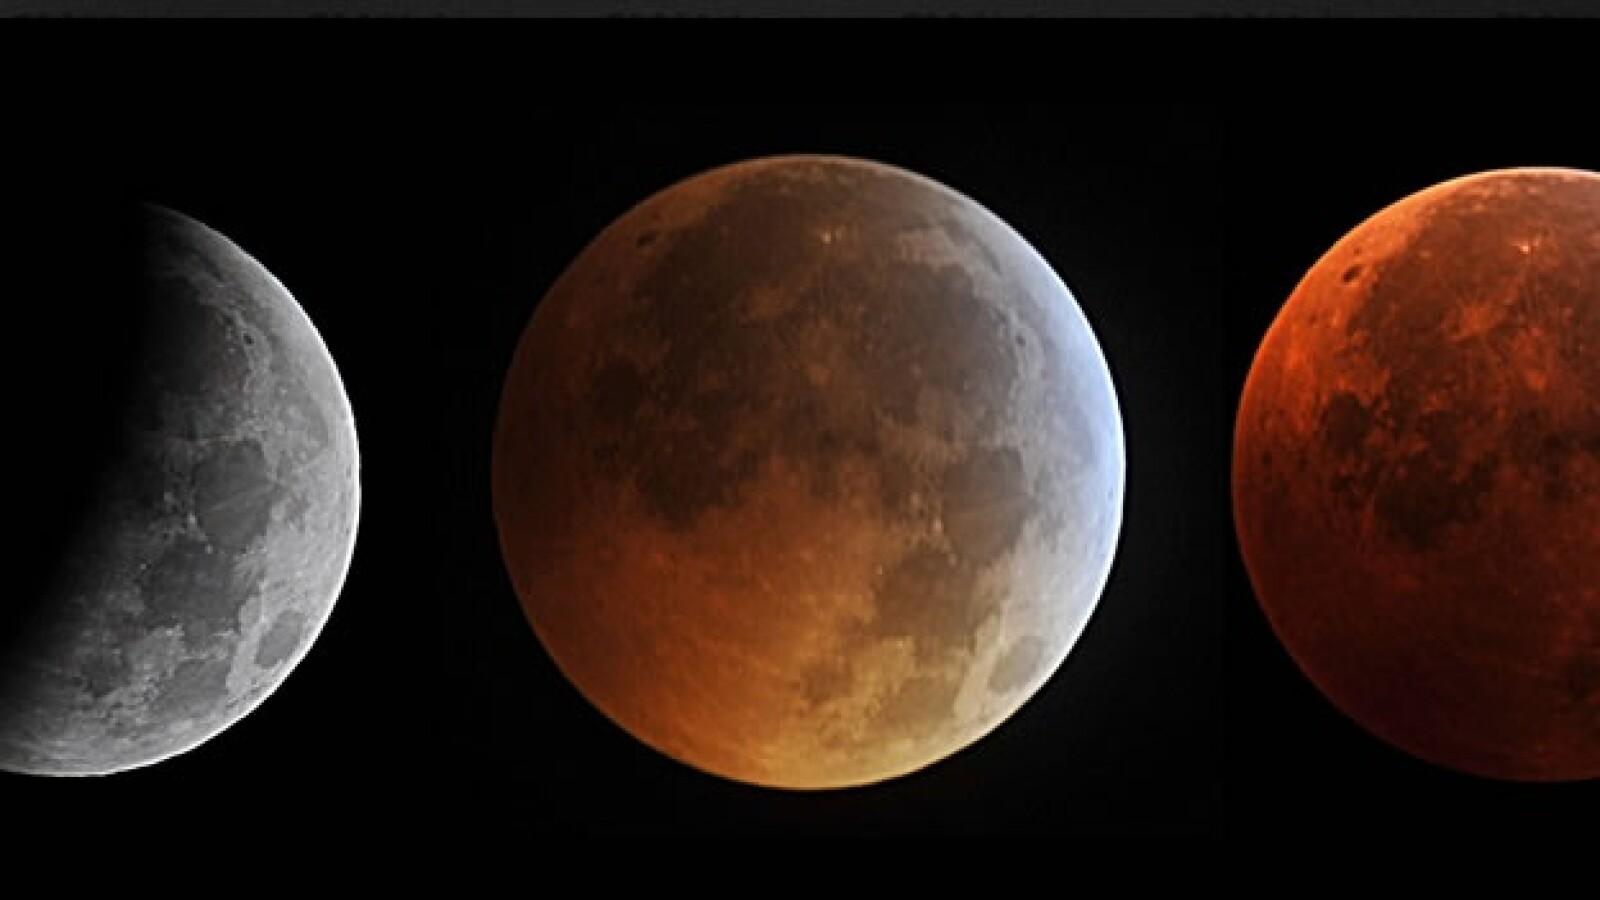 Un eclipse total de luna coincidió con el solsticio de invierno